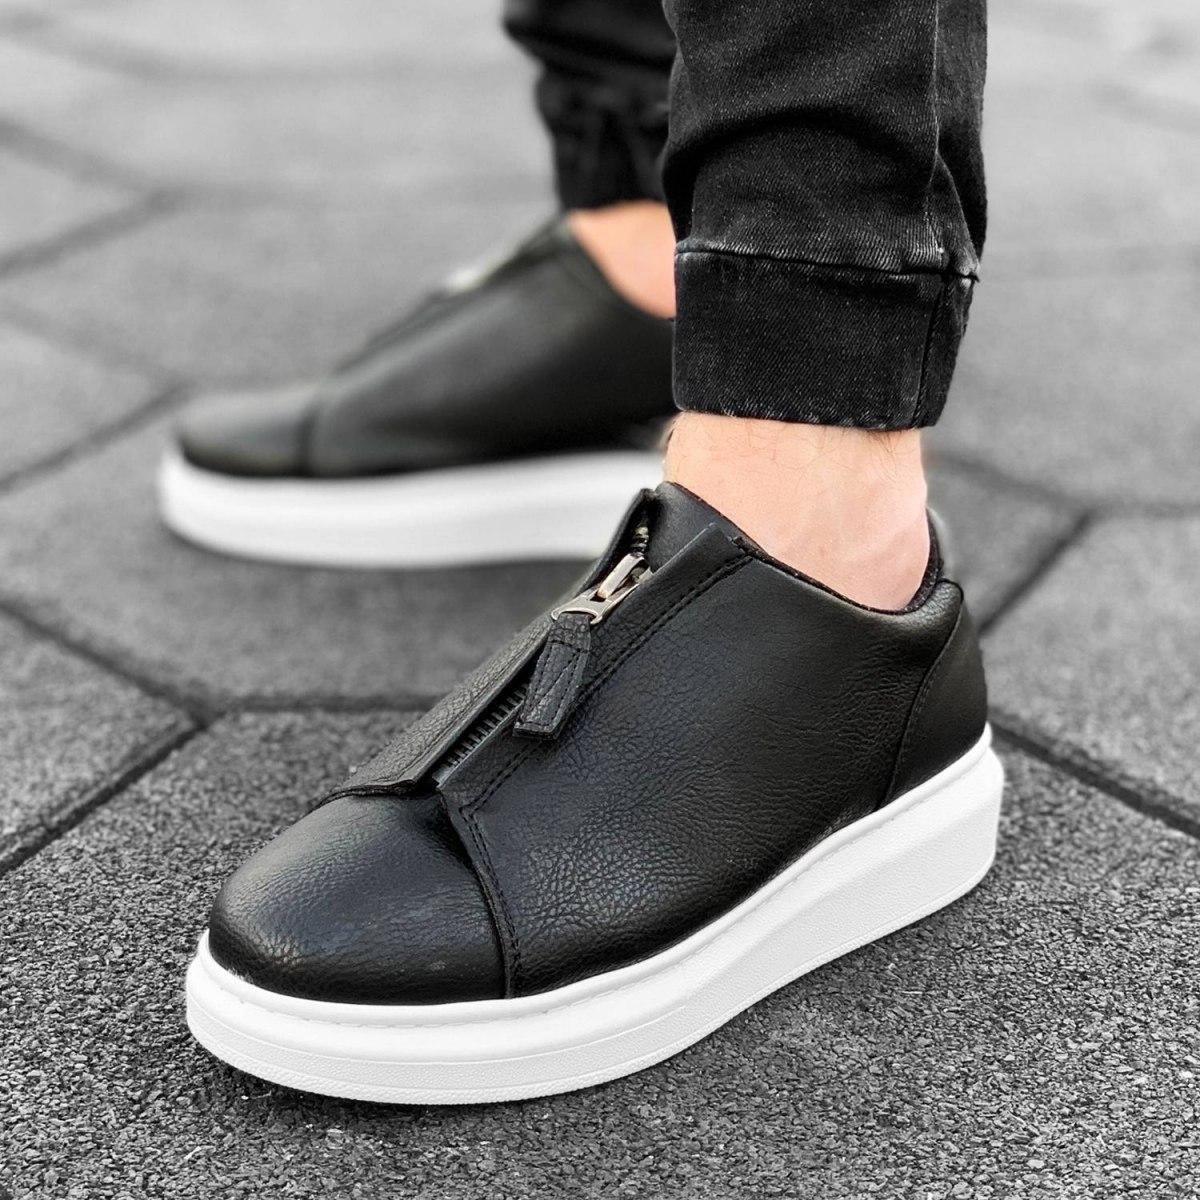 Zip-Up Sneakers in Black&White